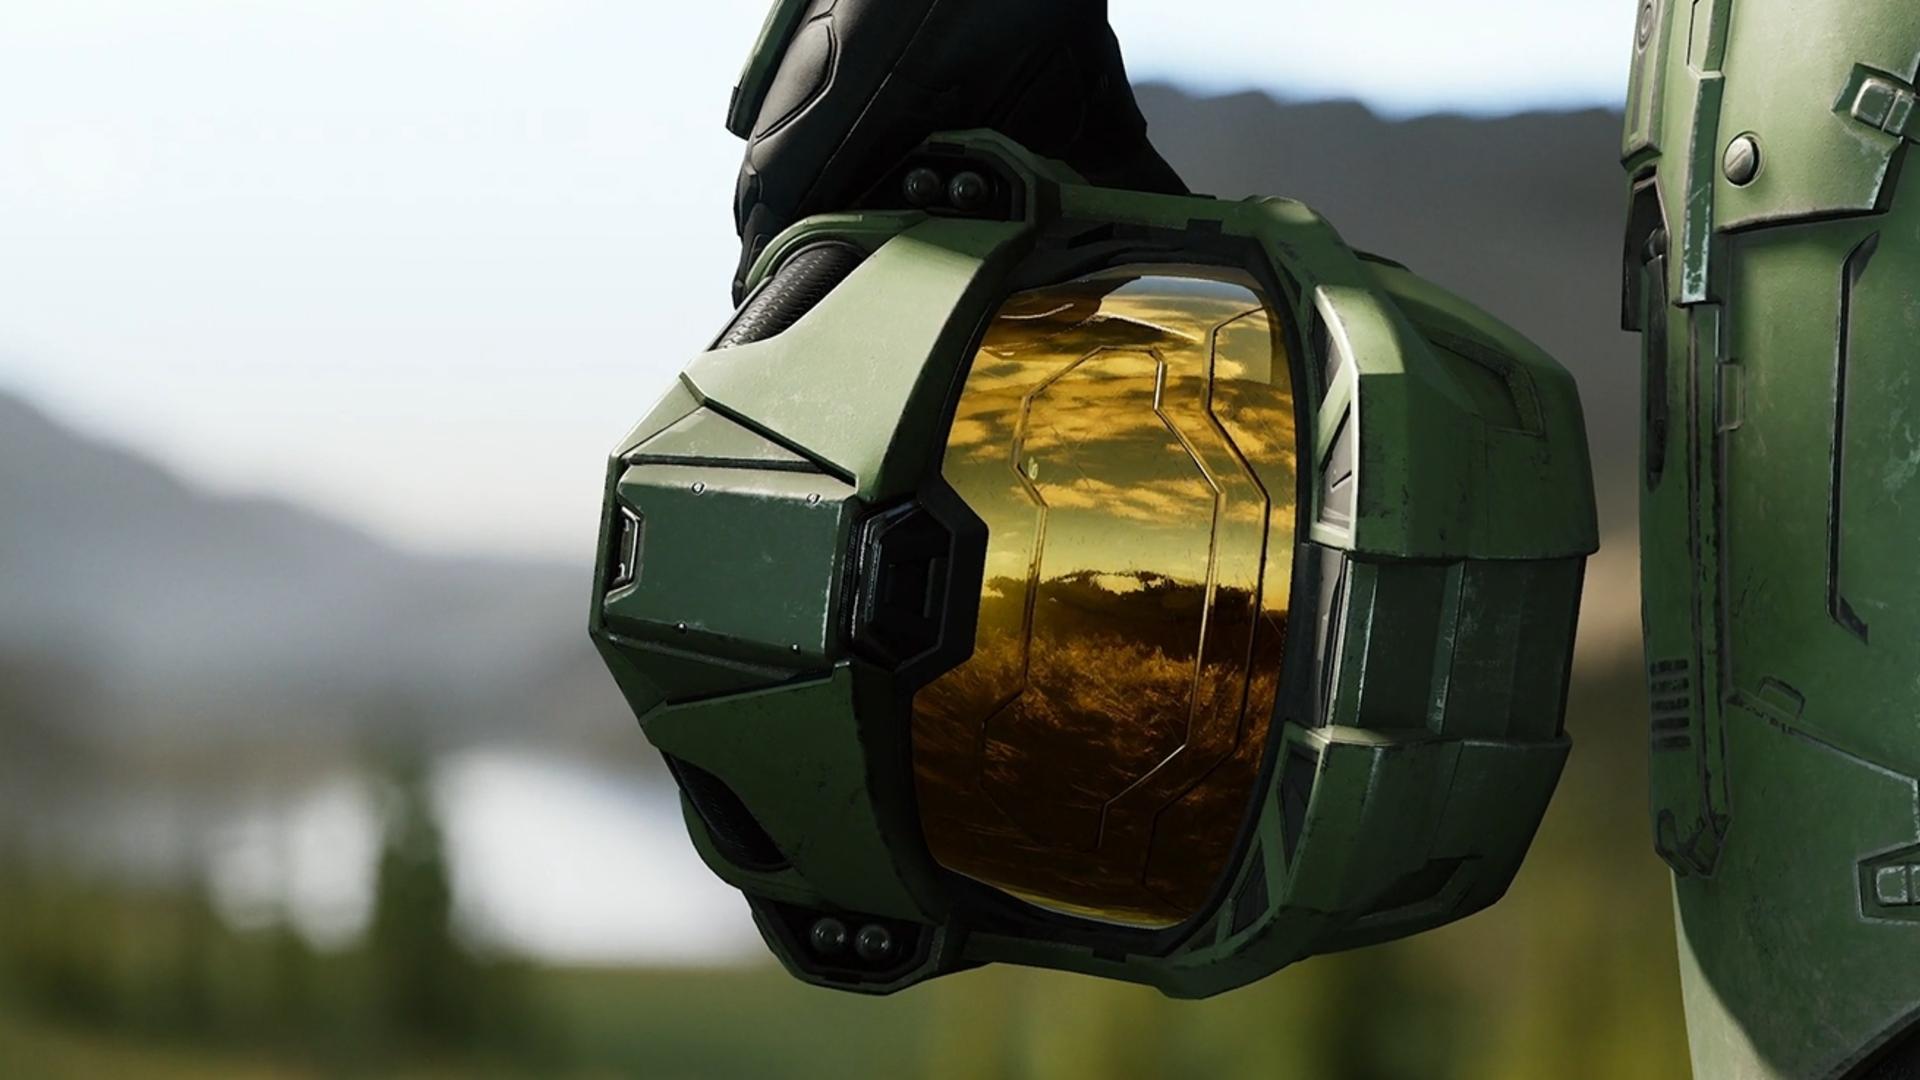 'Halo Infinite' tendría battle royale, pero no como 'Fortnite'